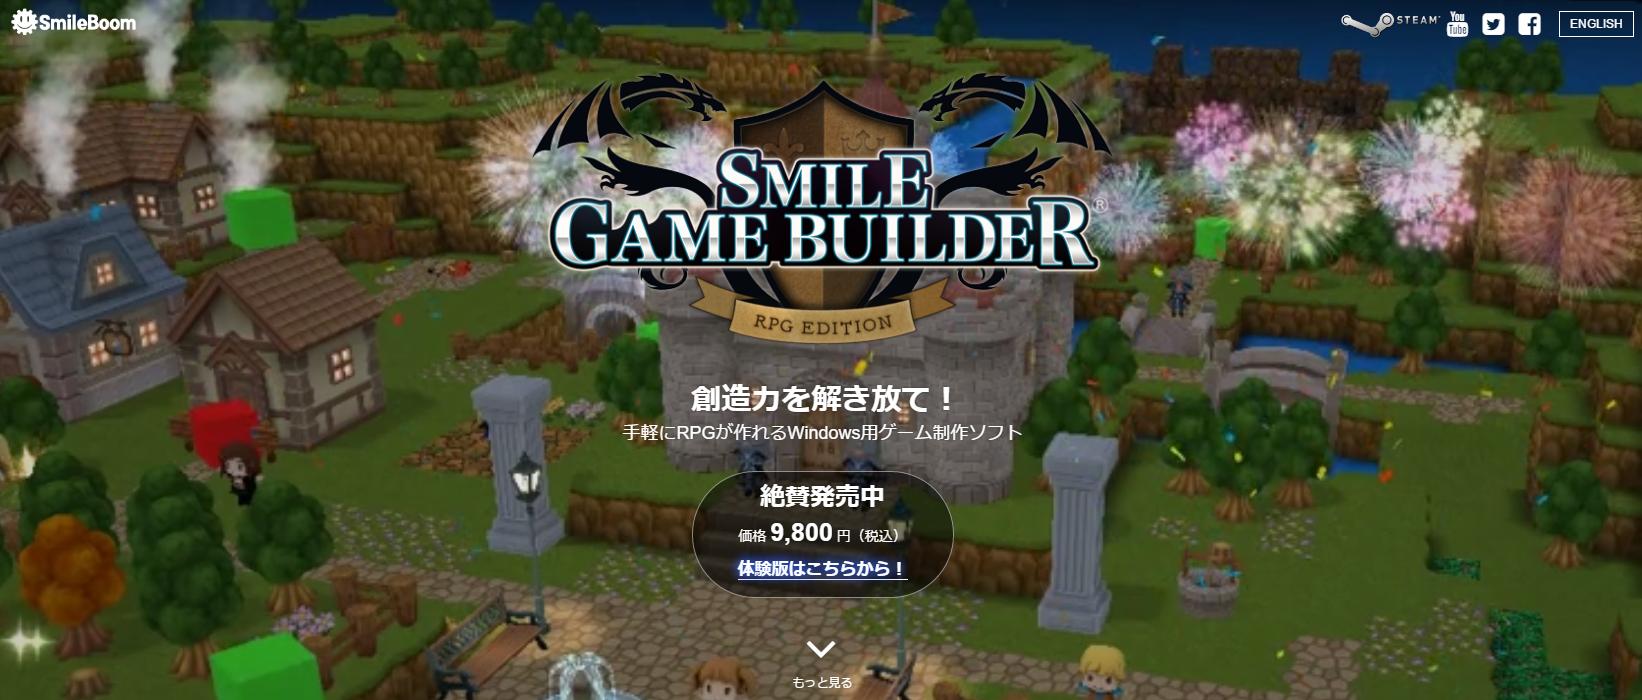 スマイルゲームビルダー,SMILE GAME BUILDER